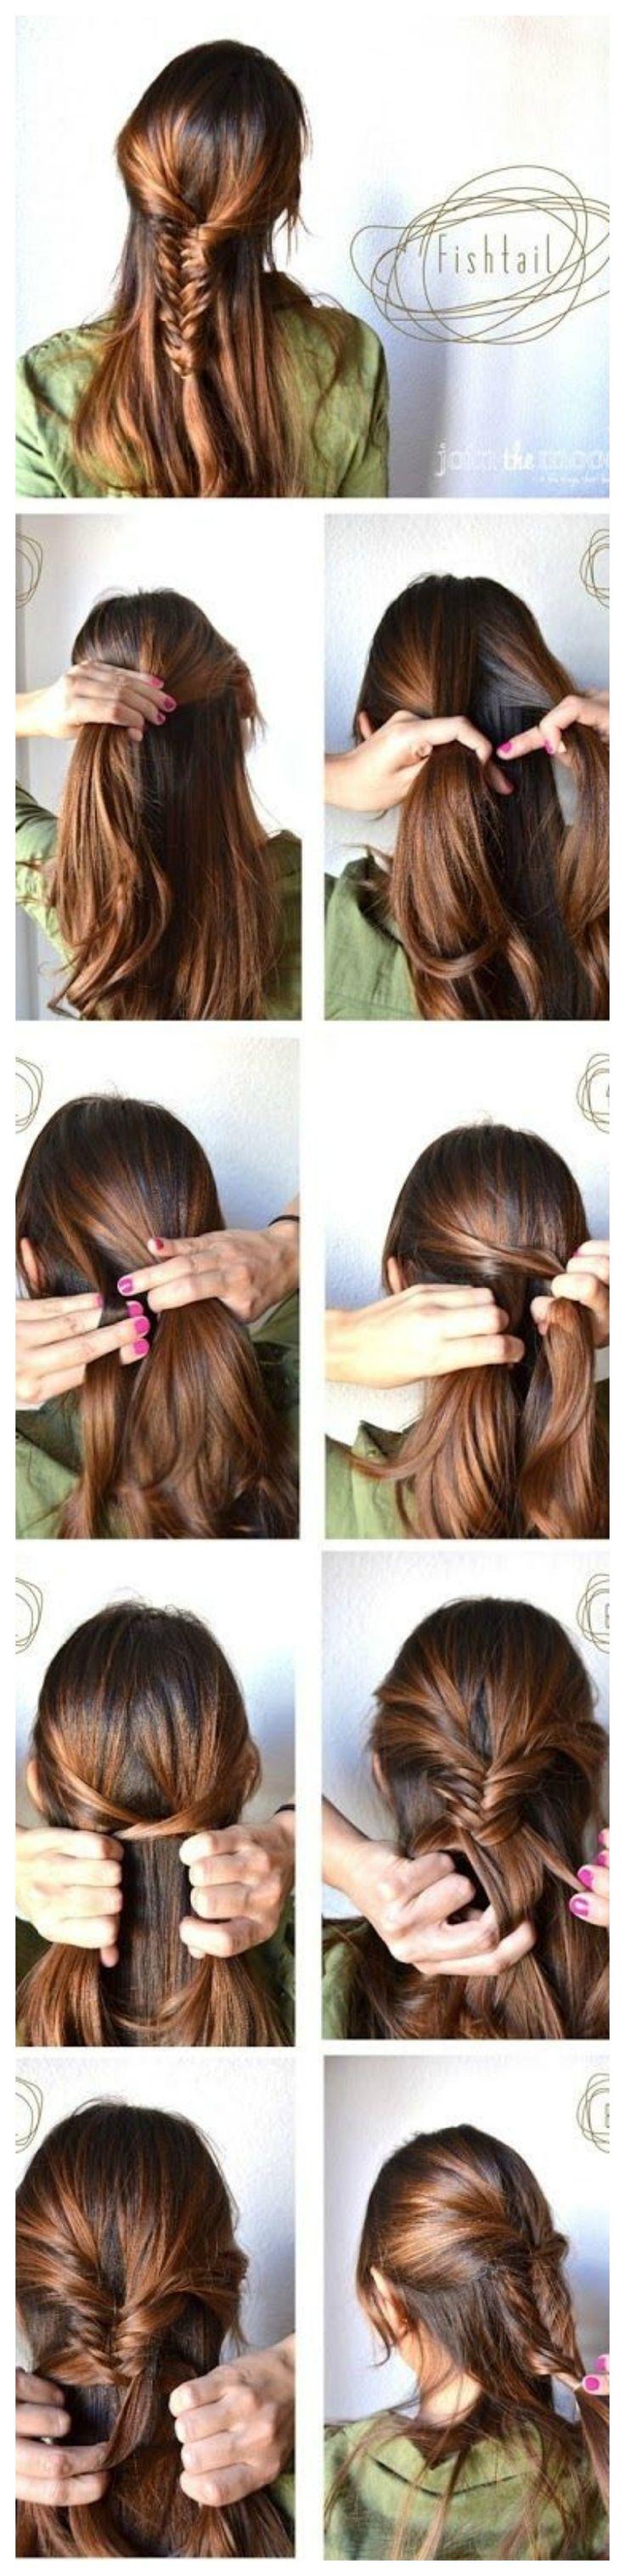 Hazte tus propios peinados